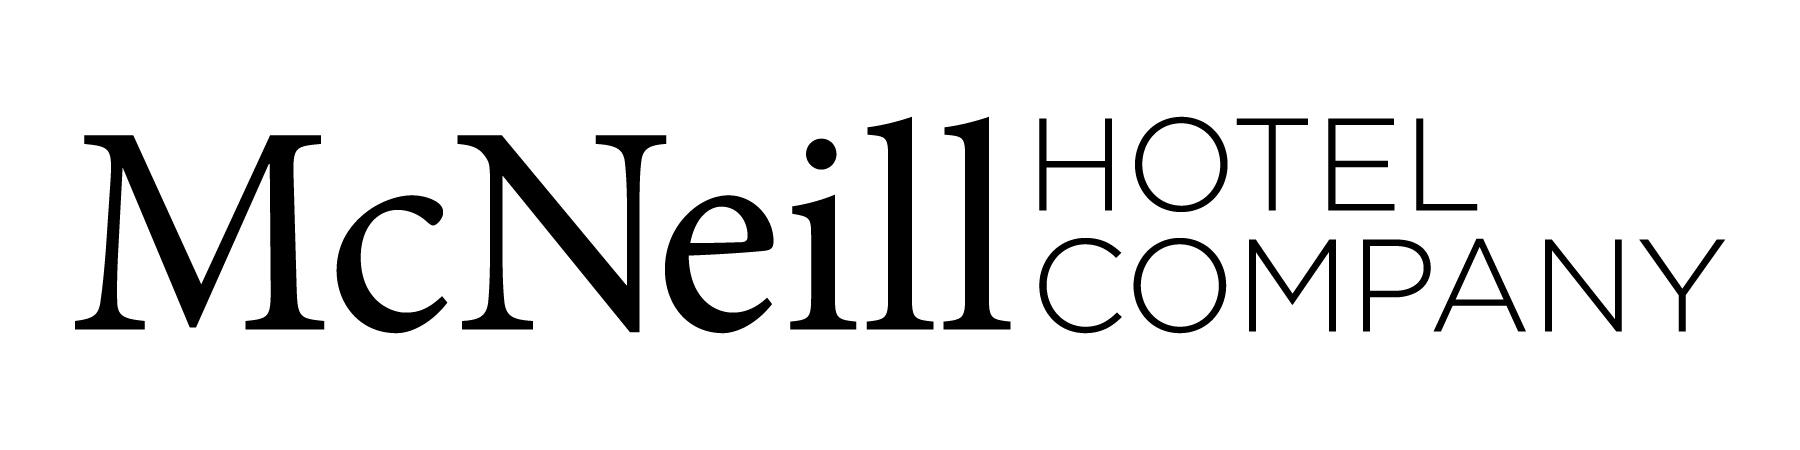 McNeill_Hotel_Company_2017_Logo_RASTER (1)